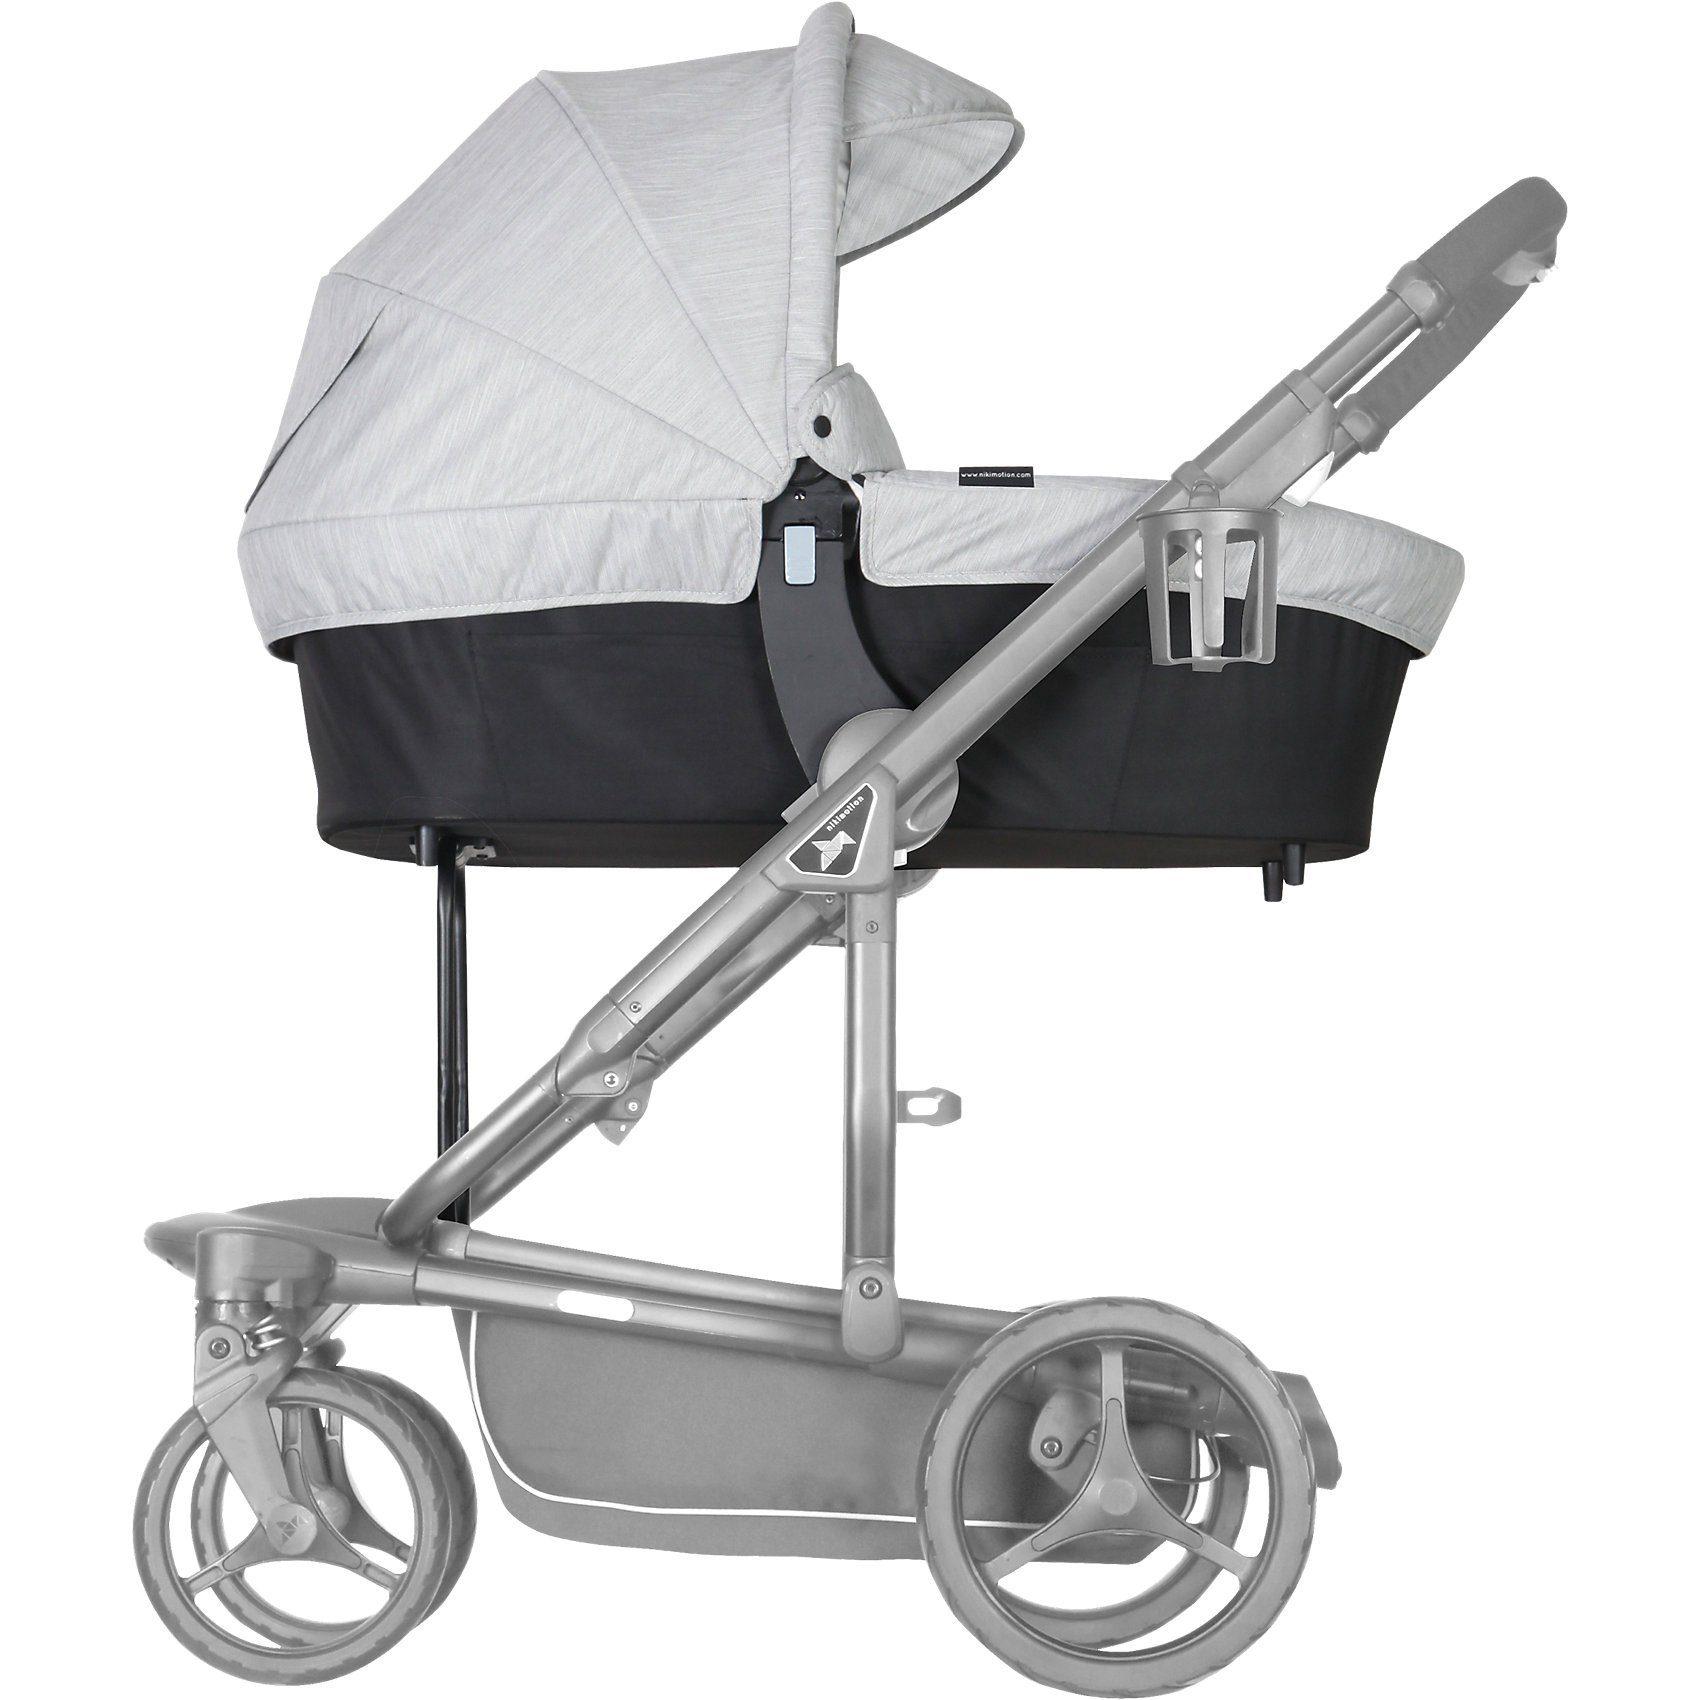 nikimotion Kinderwagenaufsatz für Sportwagen Blade, oyster